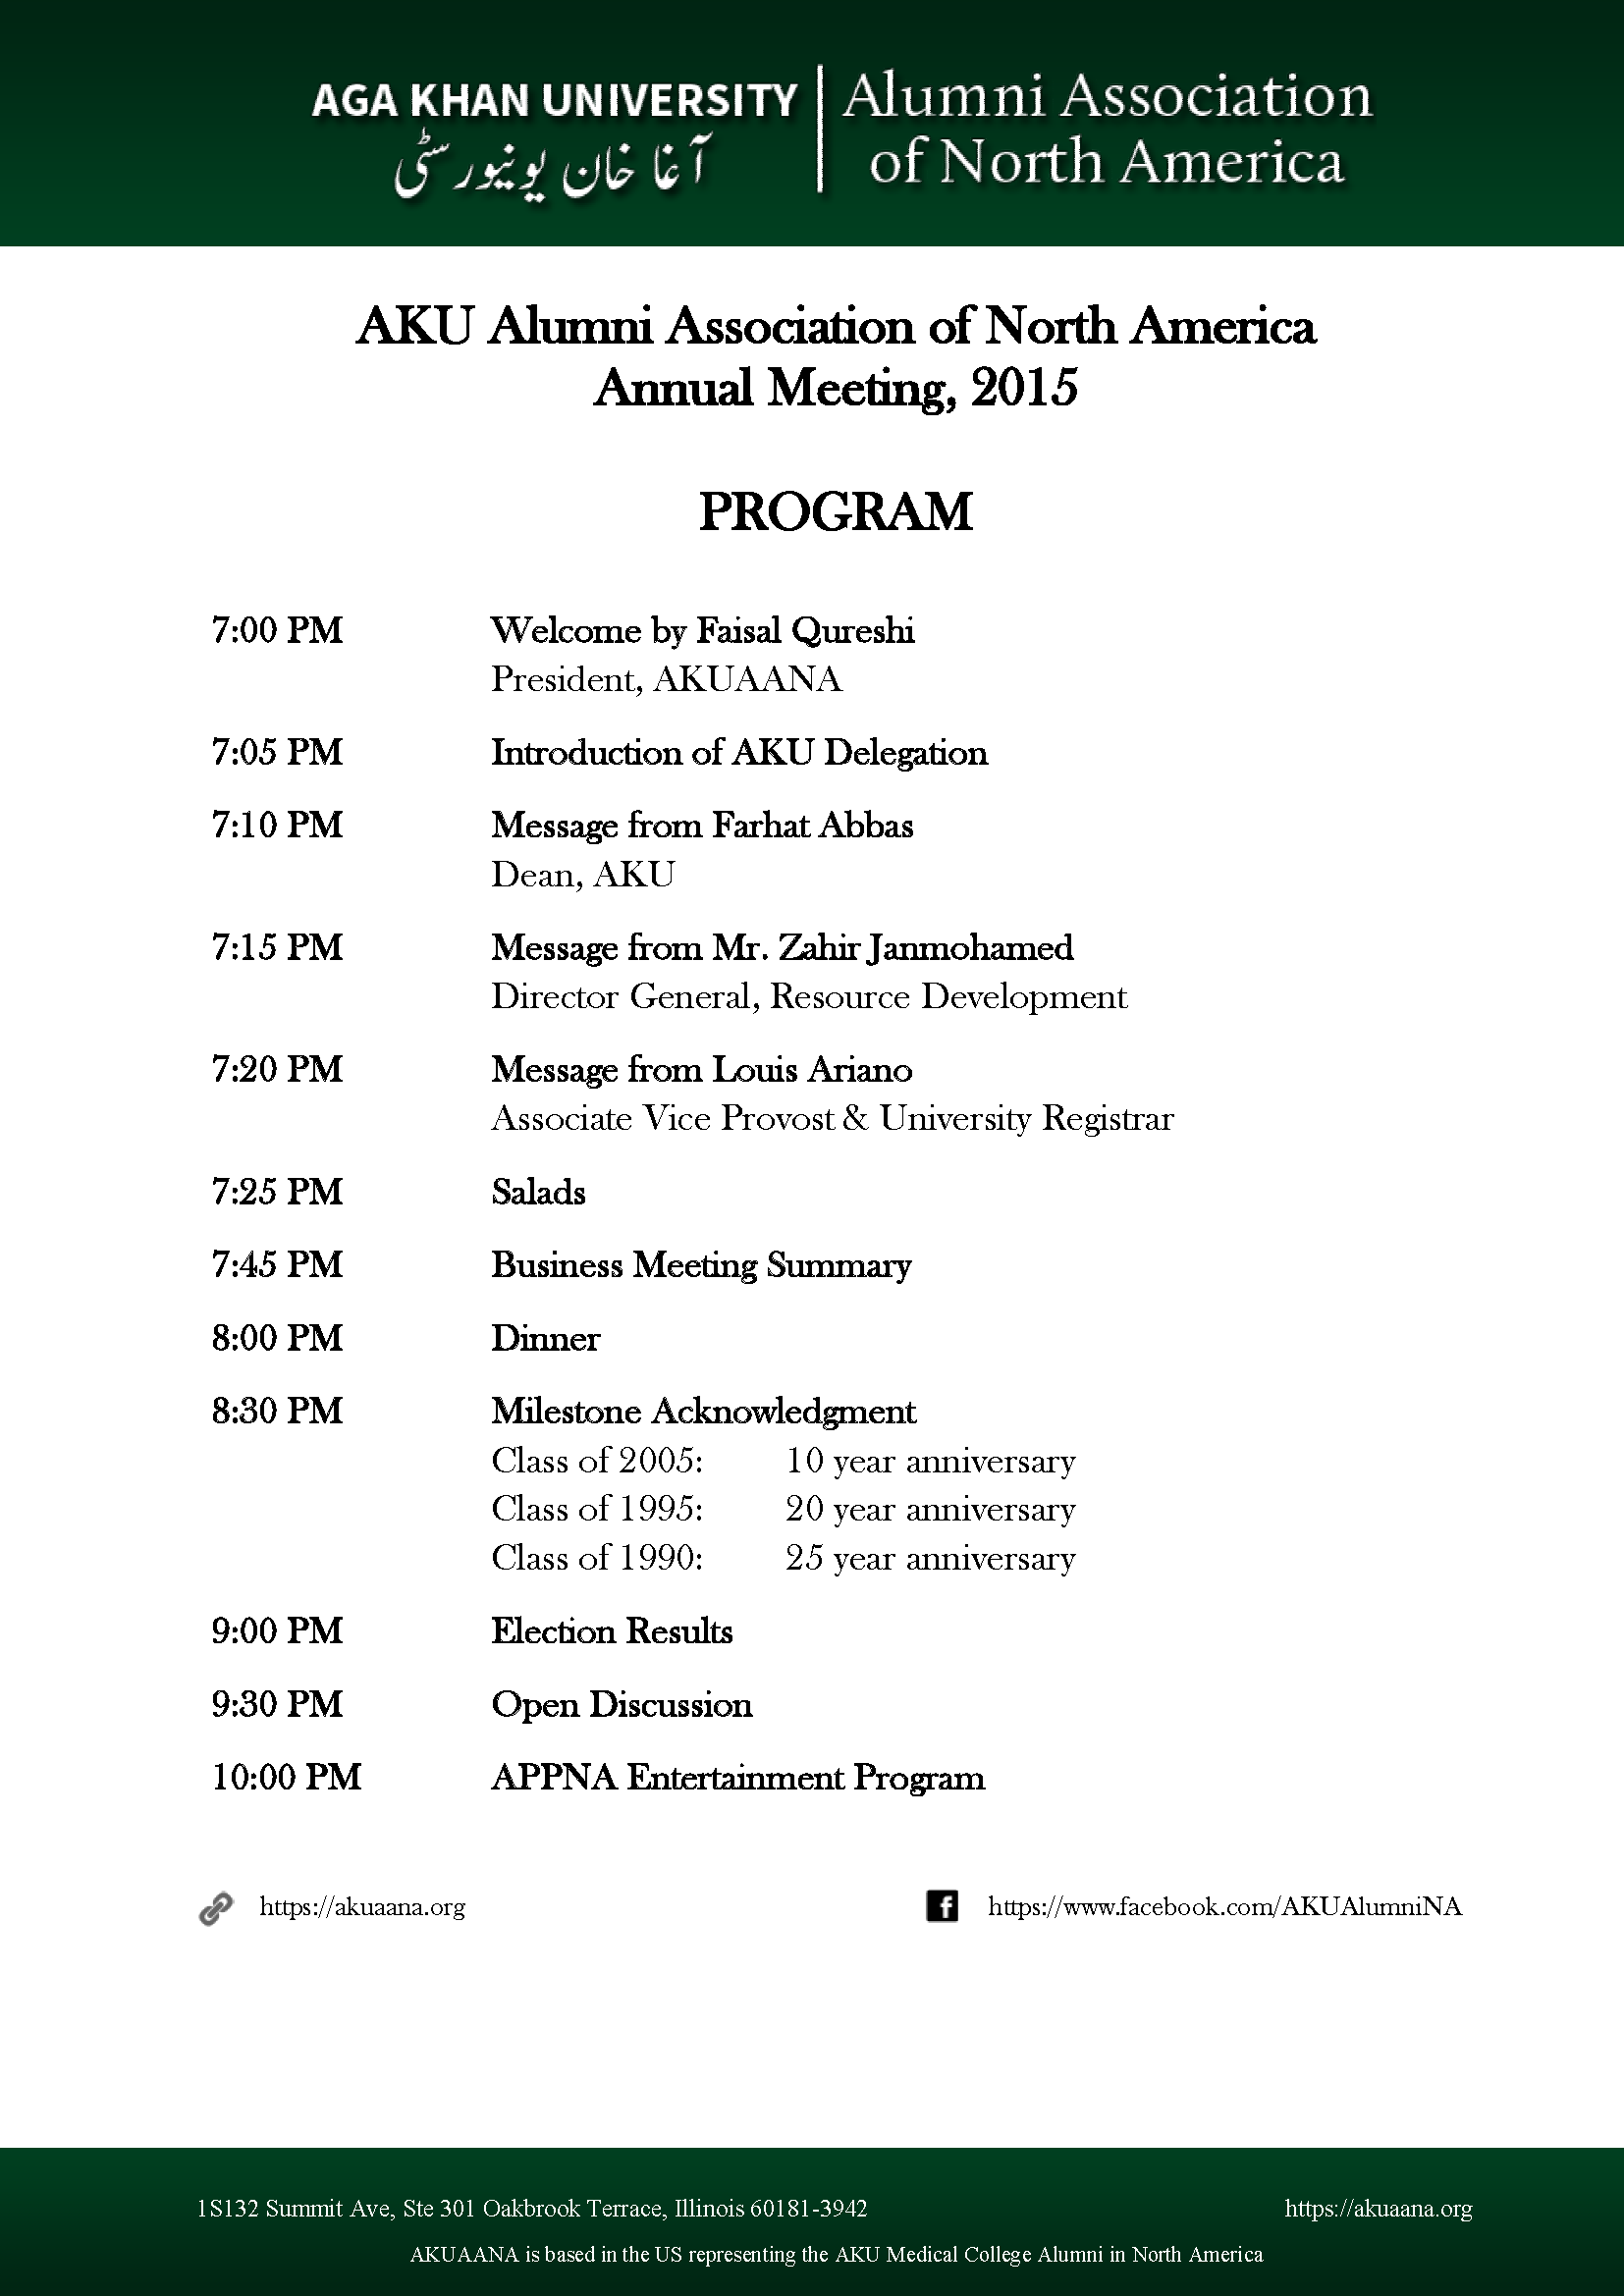 AKUAANA Annual Meeting Program, 2015